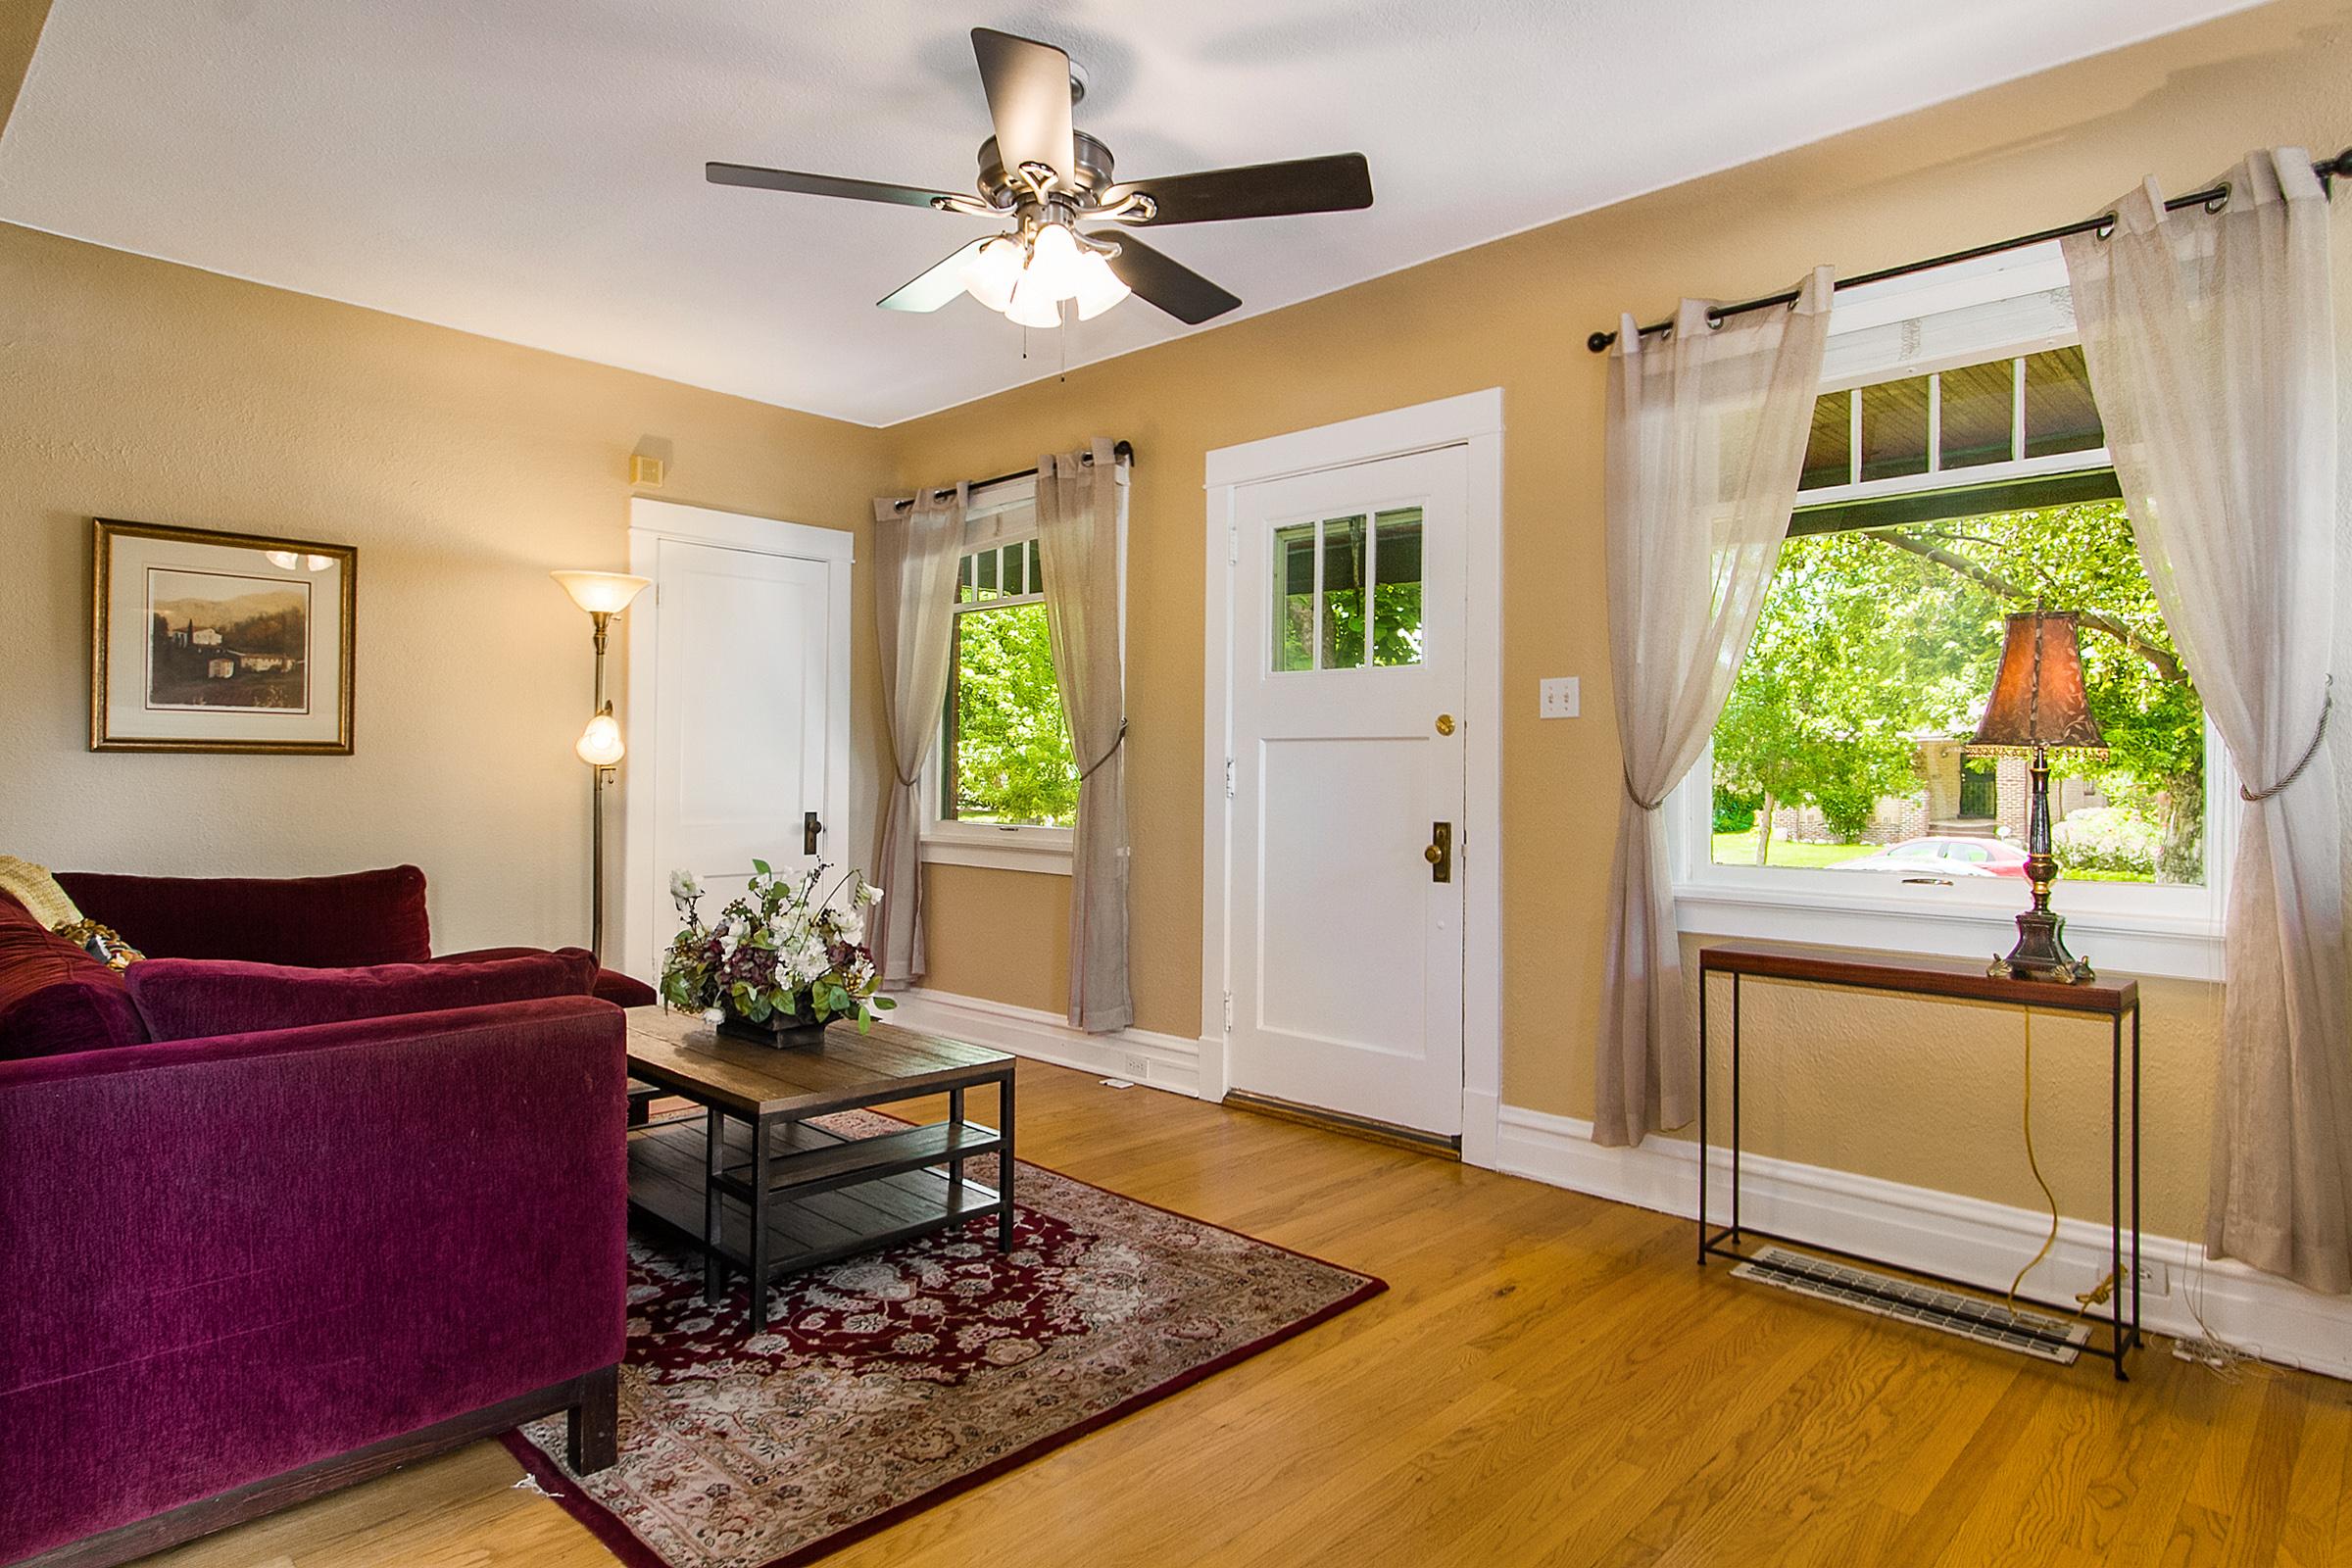 1316340_Beautiful-Vintage-Windows--amp--Hardwood-Floors_high.jpg